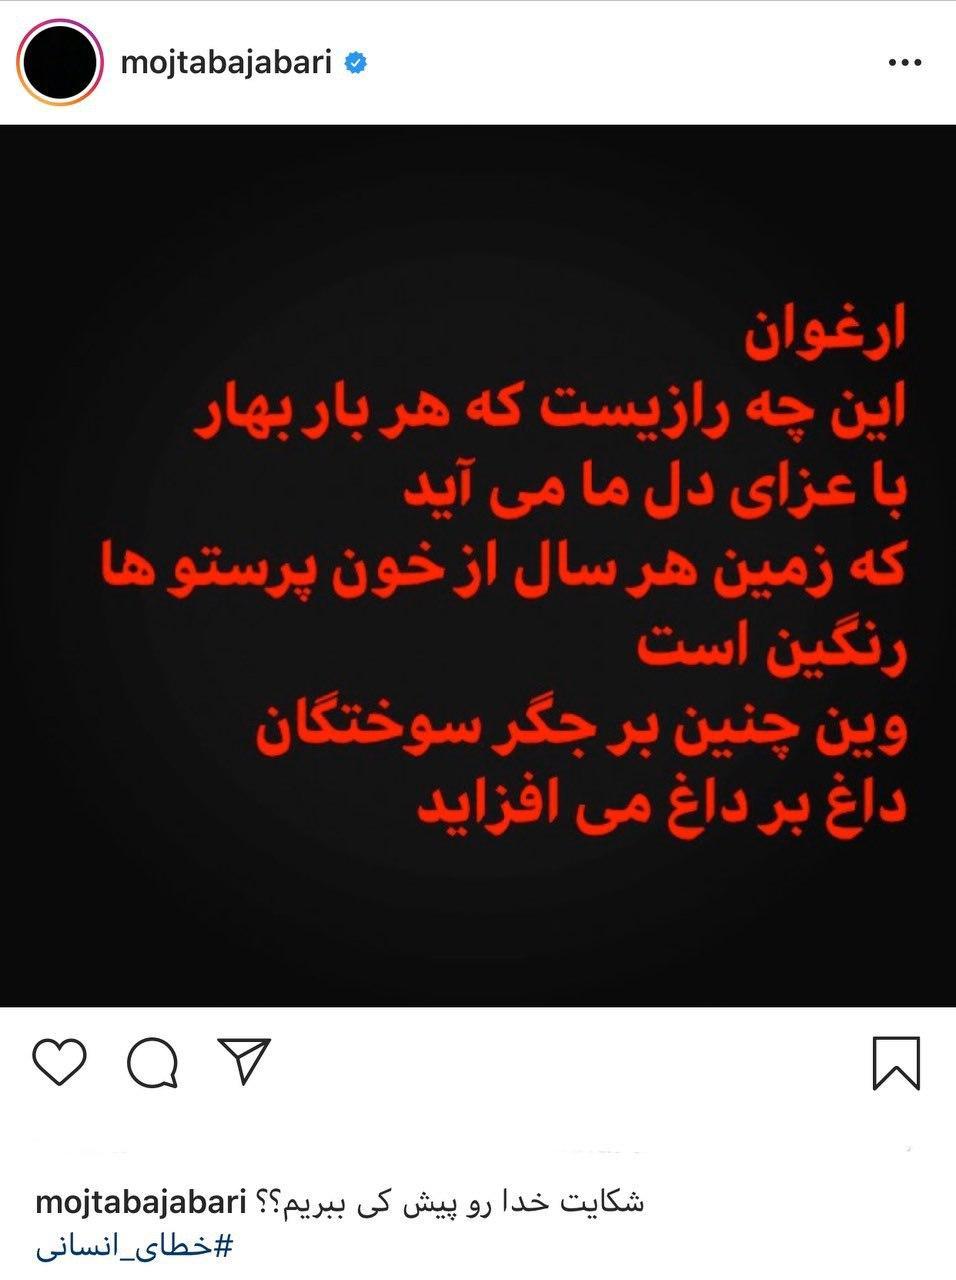 ورزشکاران هرکدام به نوعی با انتشار یک پست در اینستاگرام به سانحه تلخ سقوط هواپیمای اوکراینی واکنش نشان دادند.